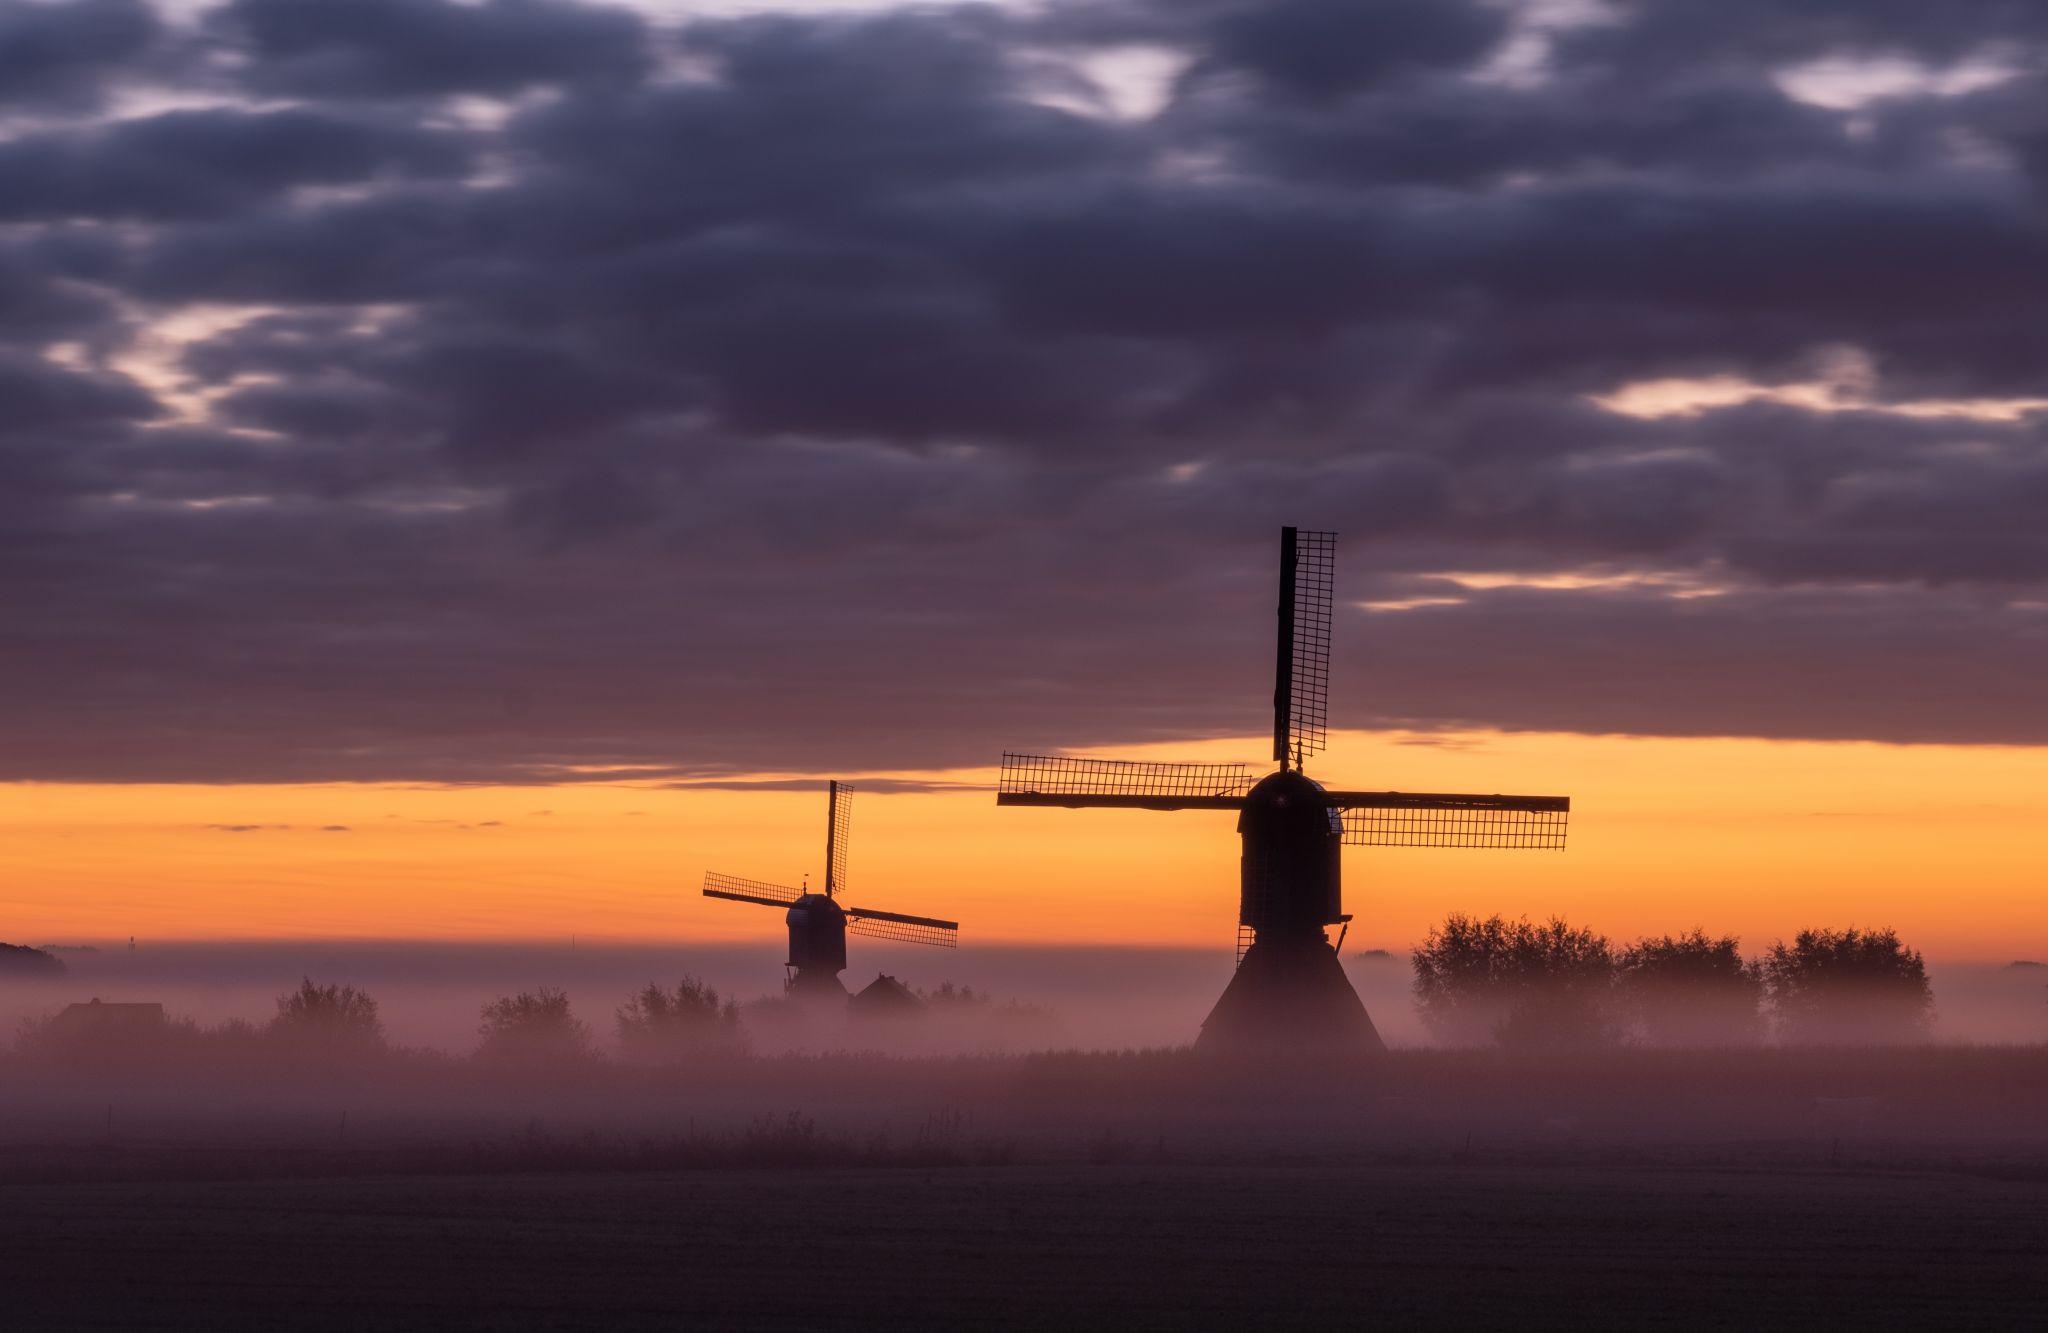 Zandwijkse and Uitwijkse molen, Netherlands